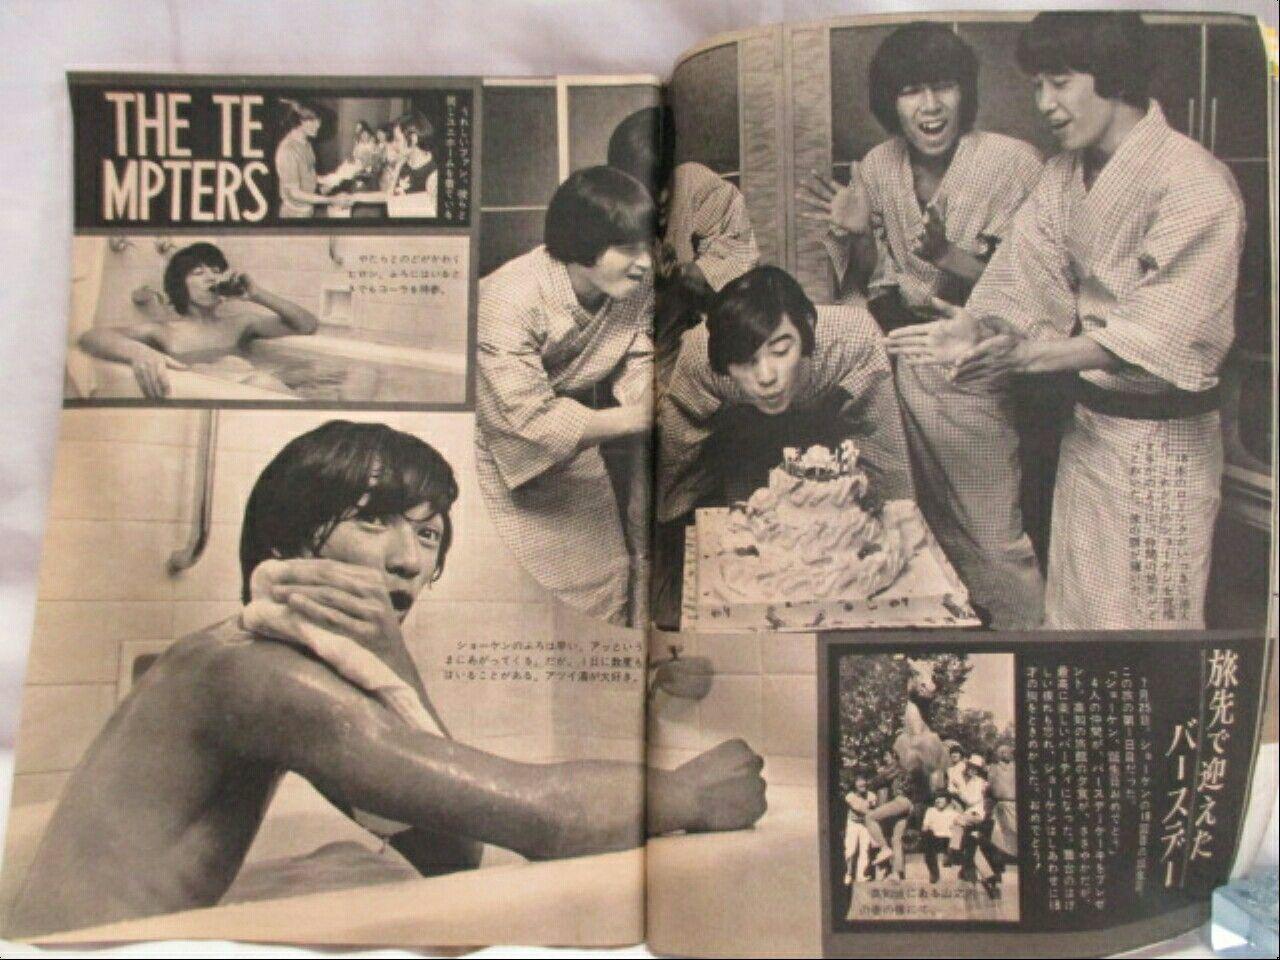 5b4e1c180c17 アイドル、芸能人 - ヤフオク! - Yahoo! セブンティーン昭和43年 1968年8 ...